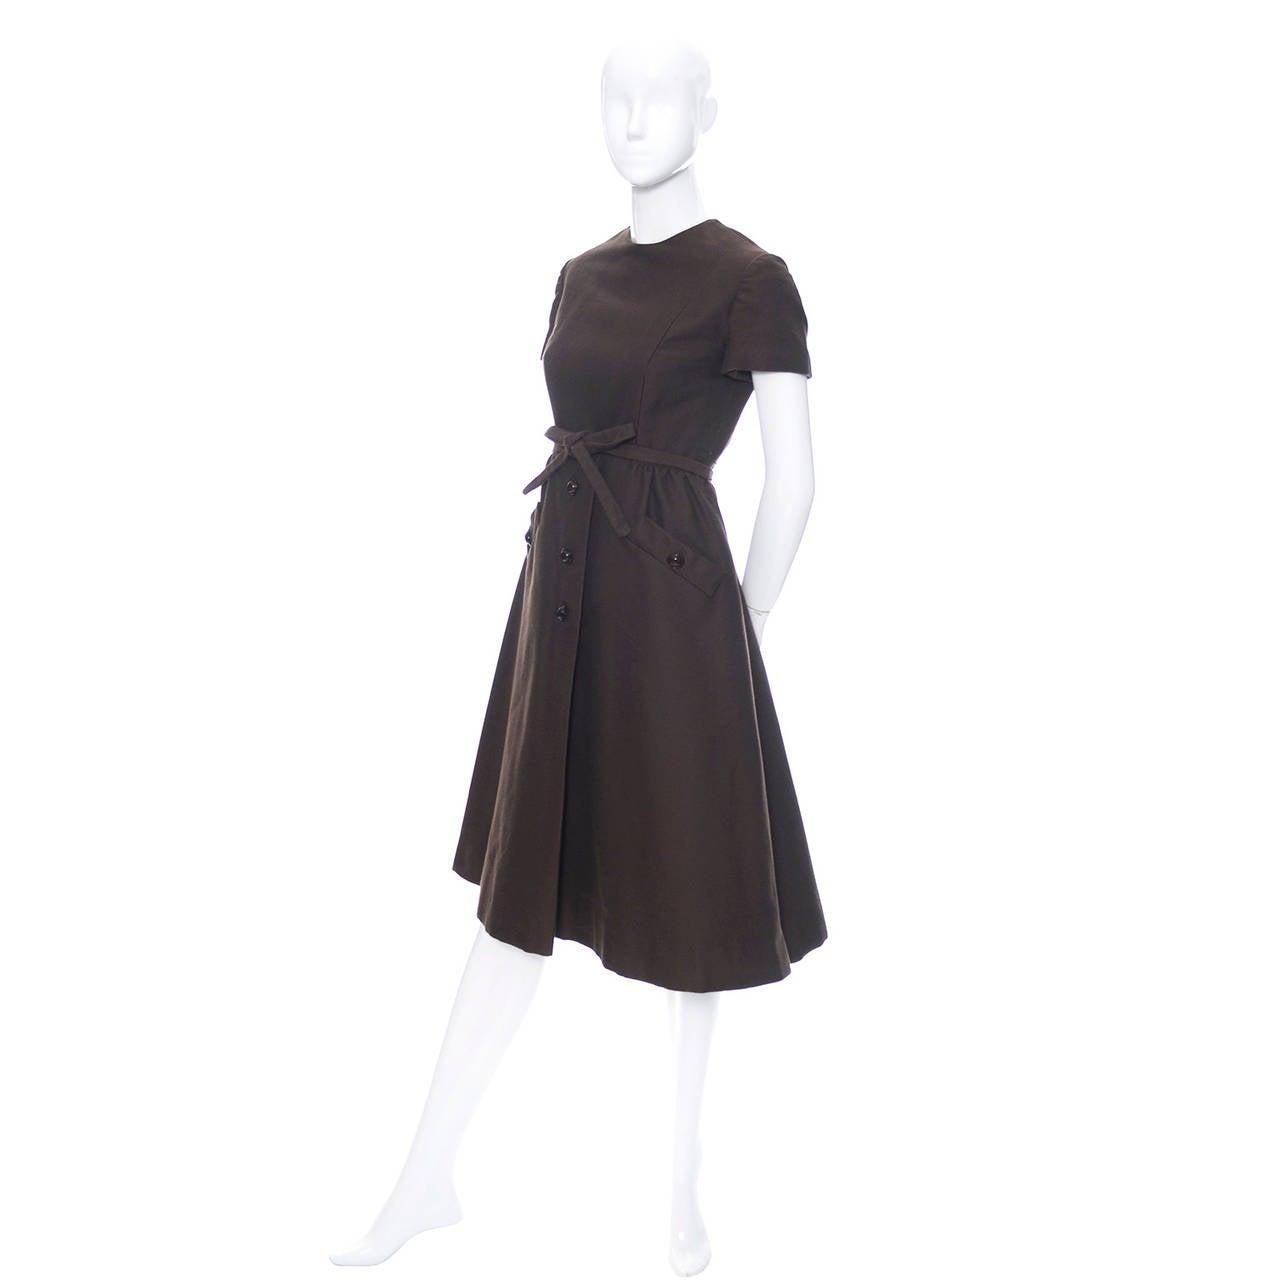 Chocolate Brown Geoffrey Beene 1960s Mod Vintage Dress Pockets Belt 3